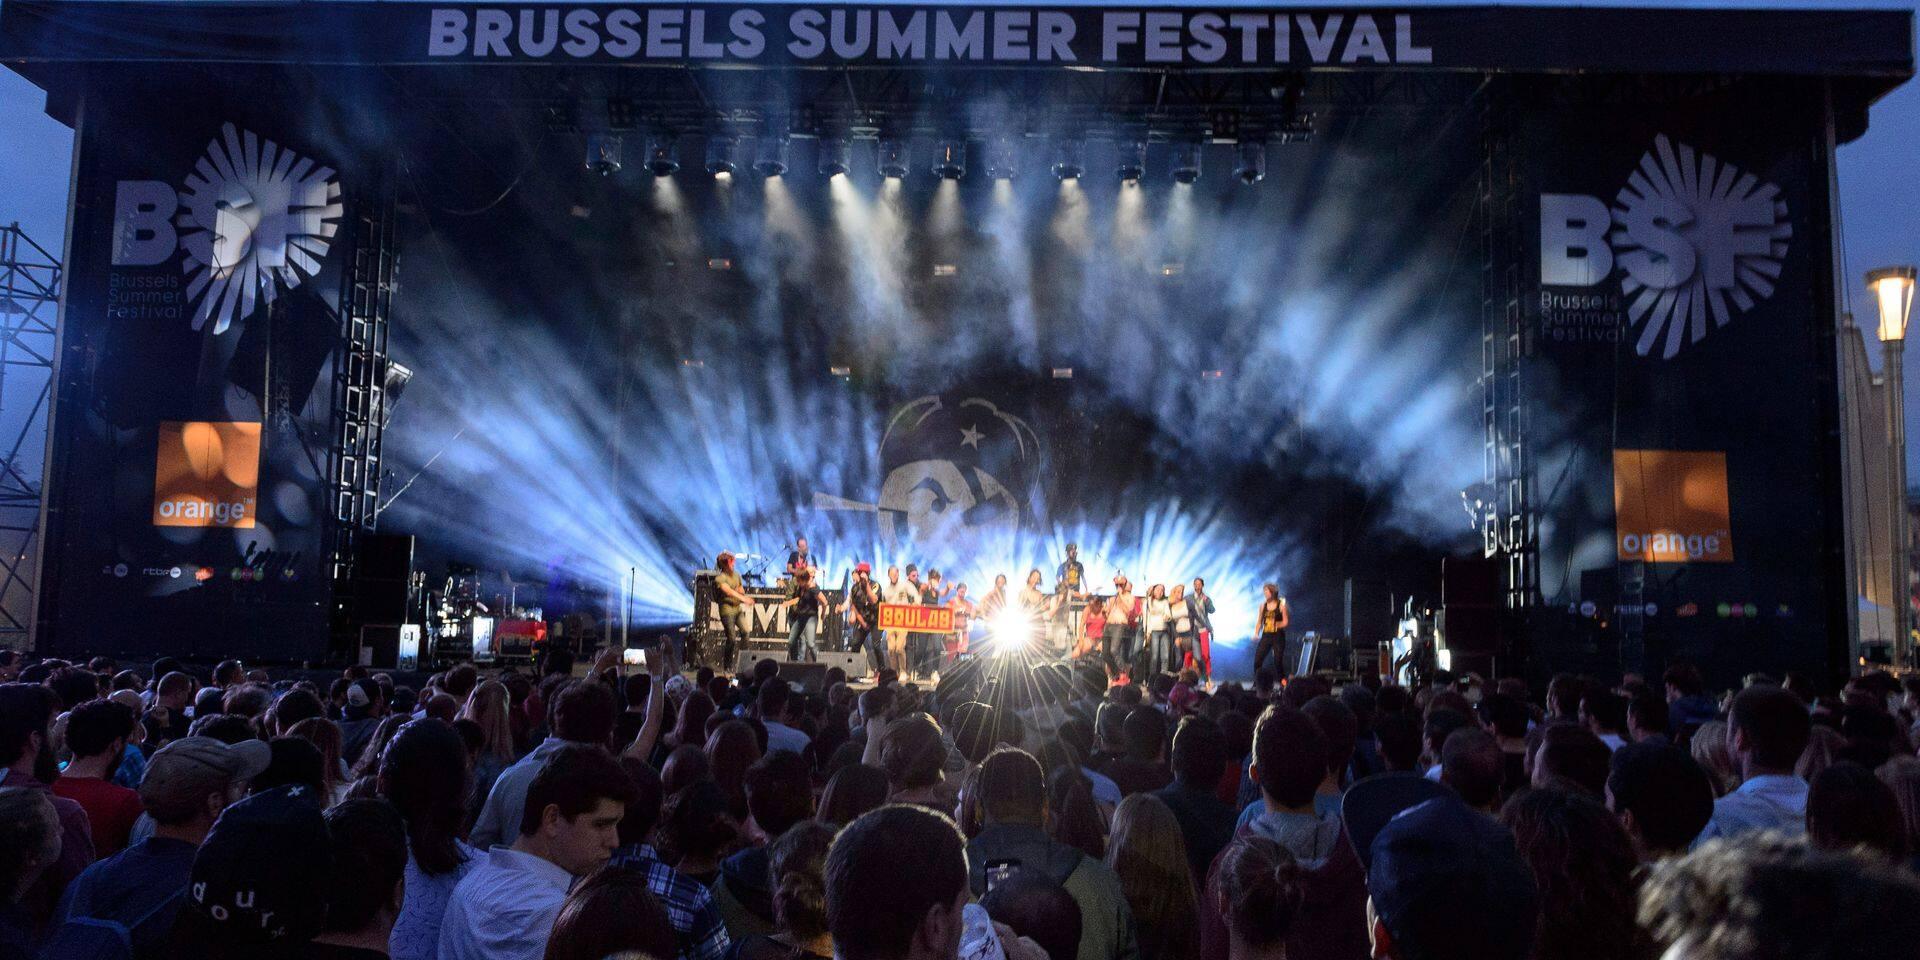 Alors, il donne quoi ce Brussels Summer Festival ?